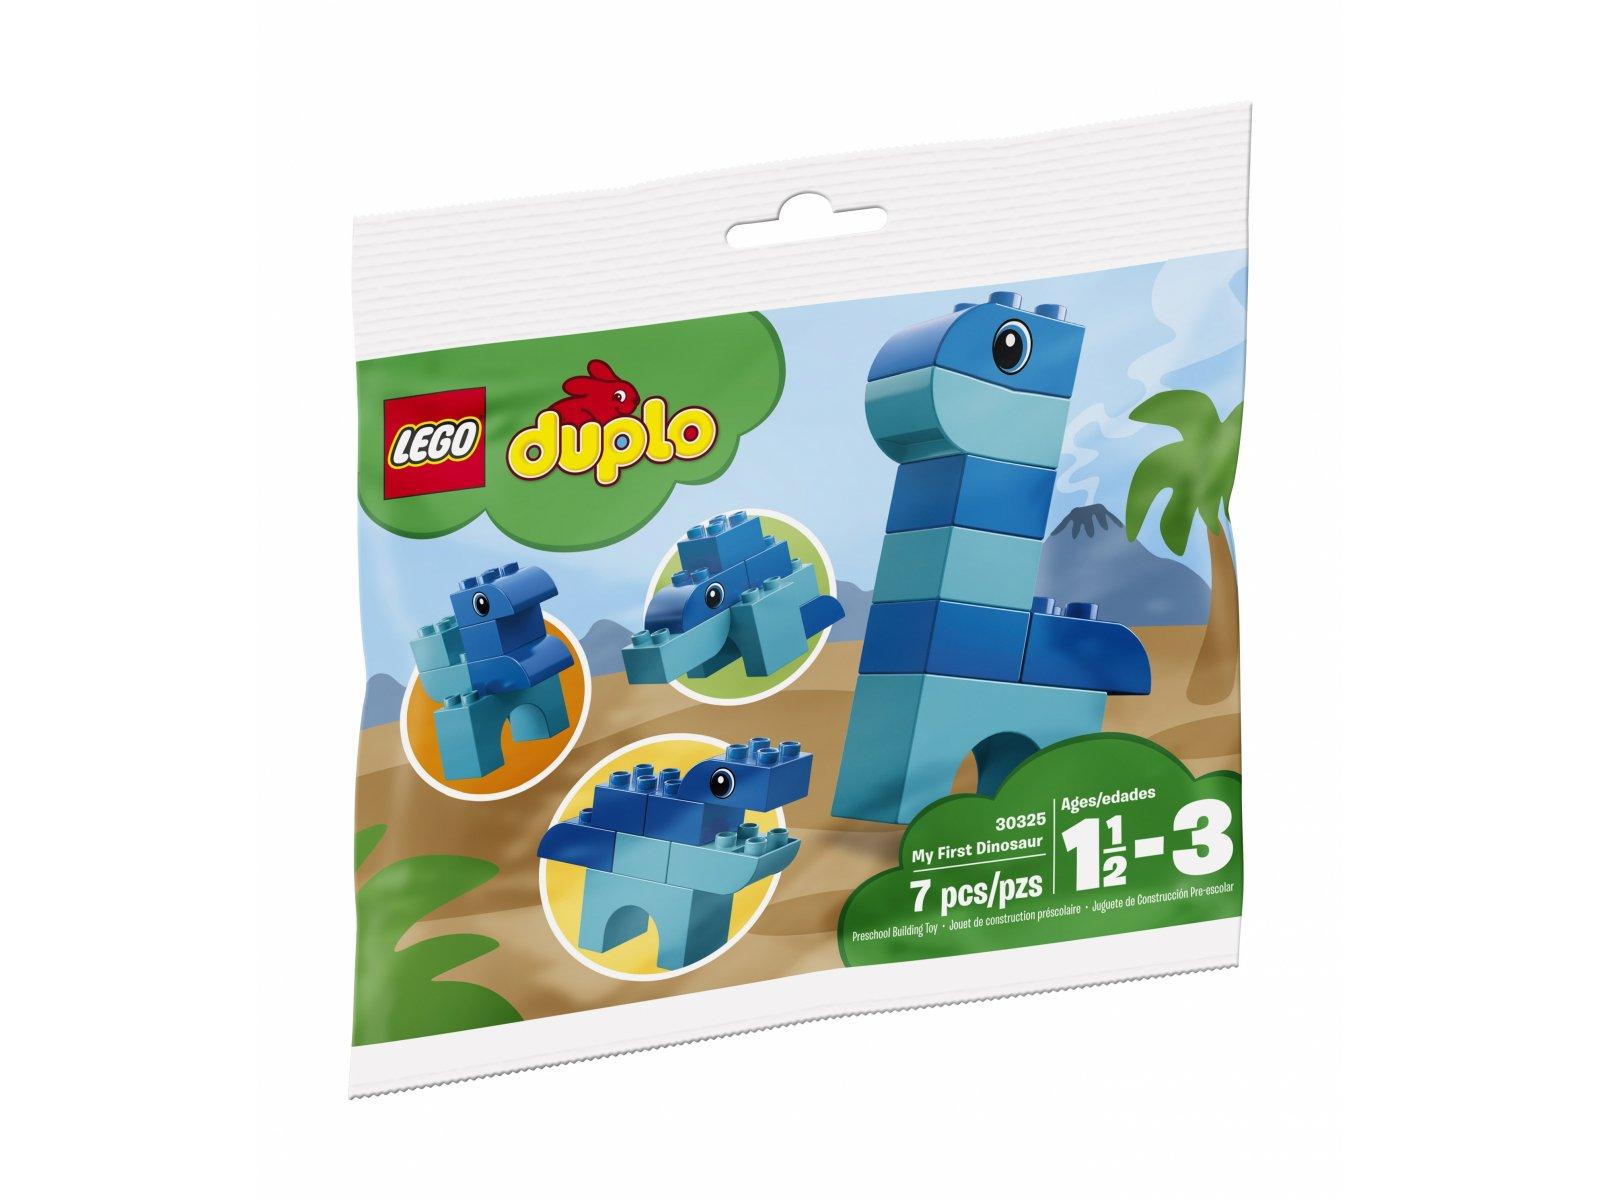 Lego 30325 Duplo Mój Pierwszy Dinozaur Zklockówpl